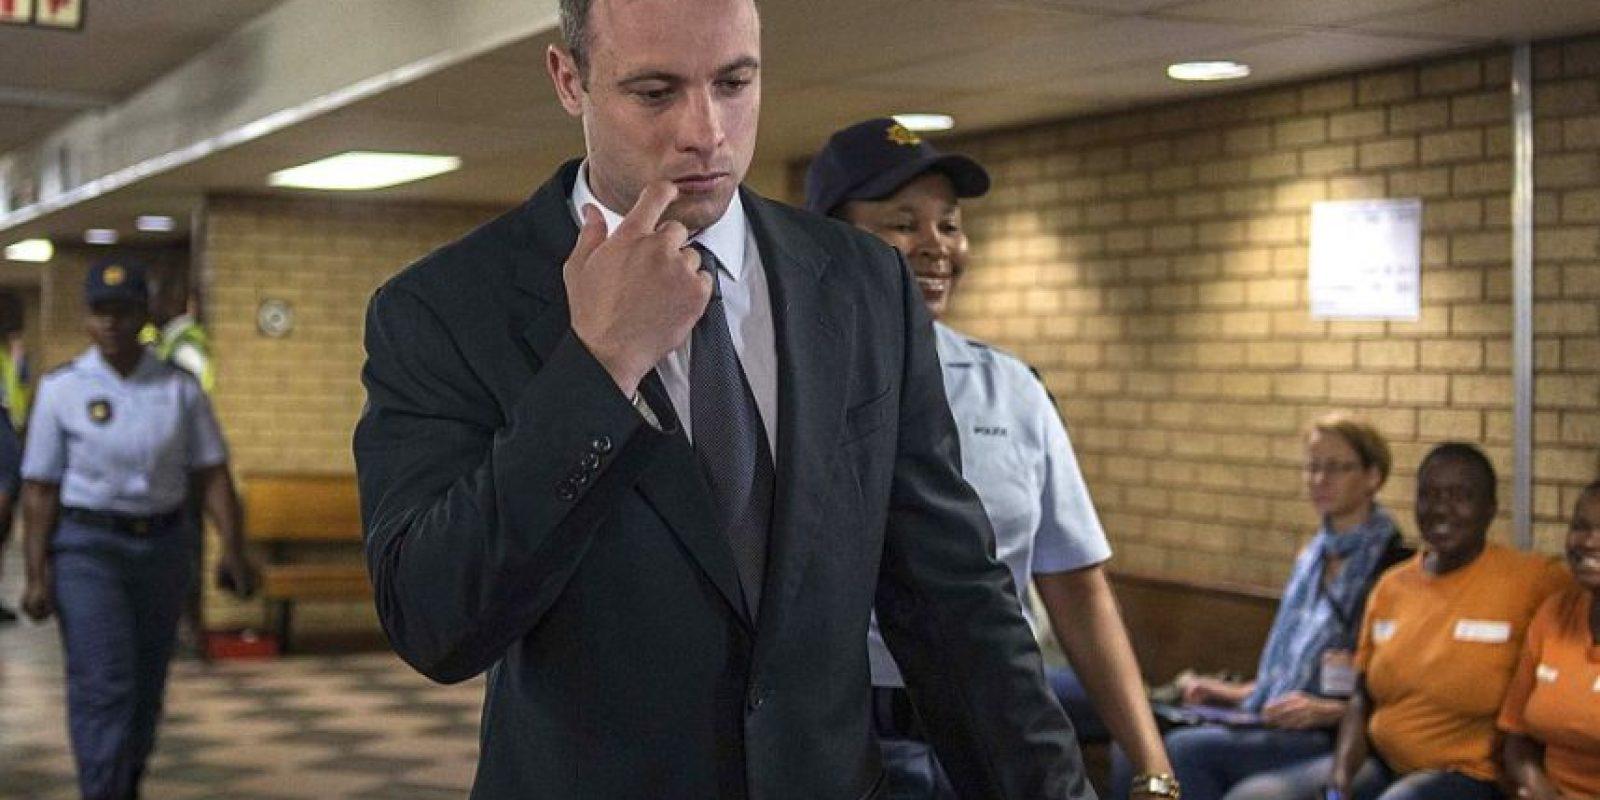 Jueza rechaza apelación para la sentencia de seis años de cárcel para Oscar Pistorius Foto:Getty Images